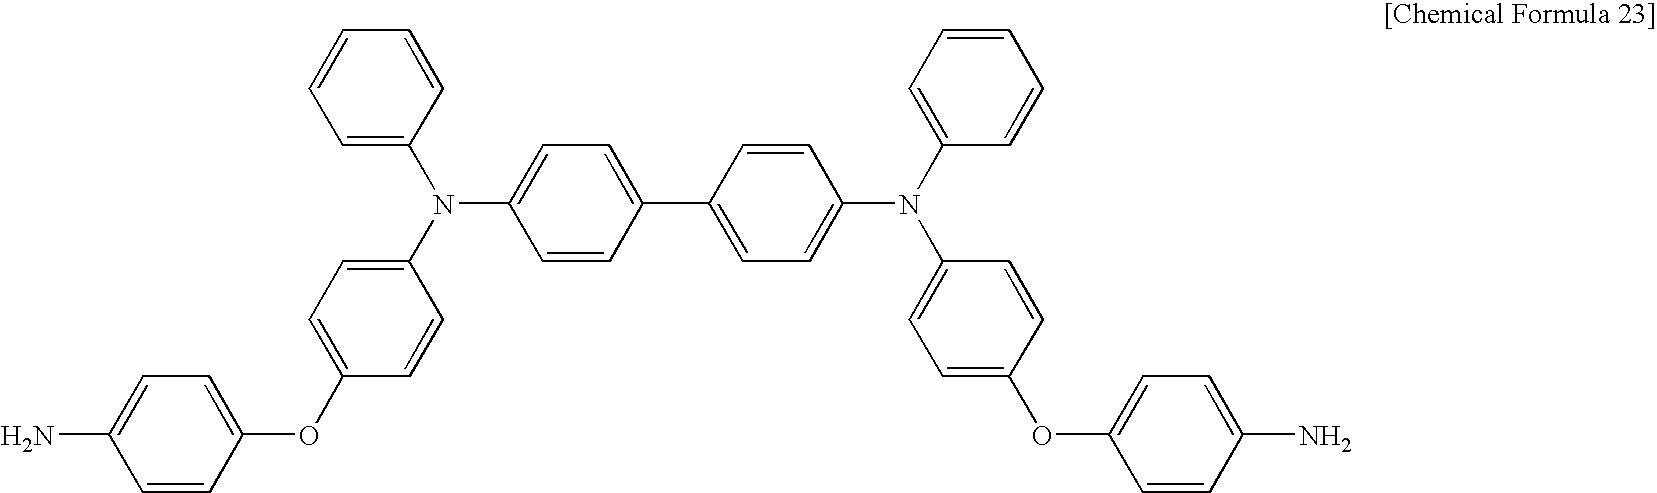 Figure US20070187672A1-20070816-C00024